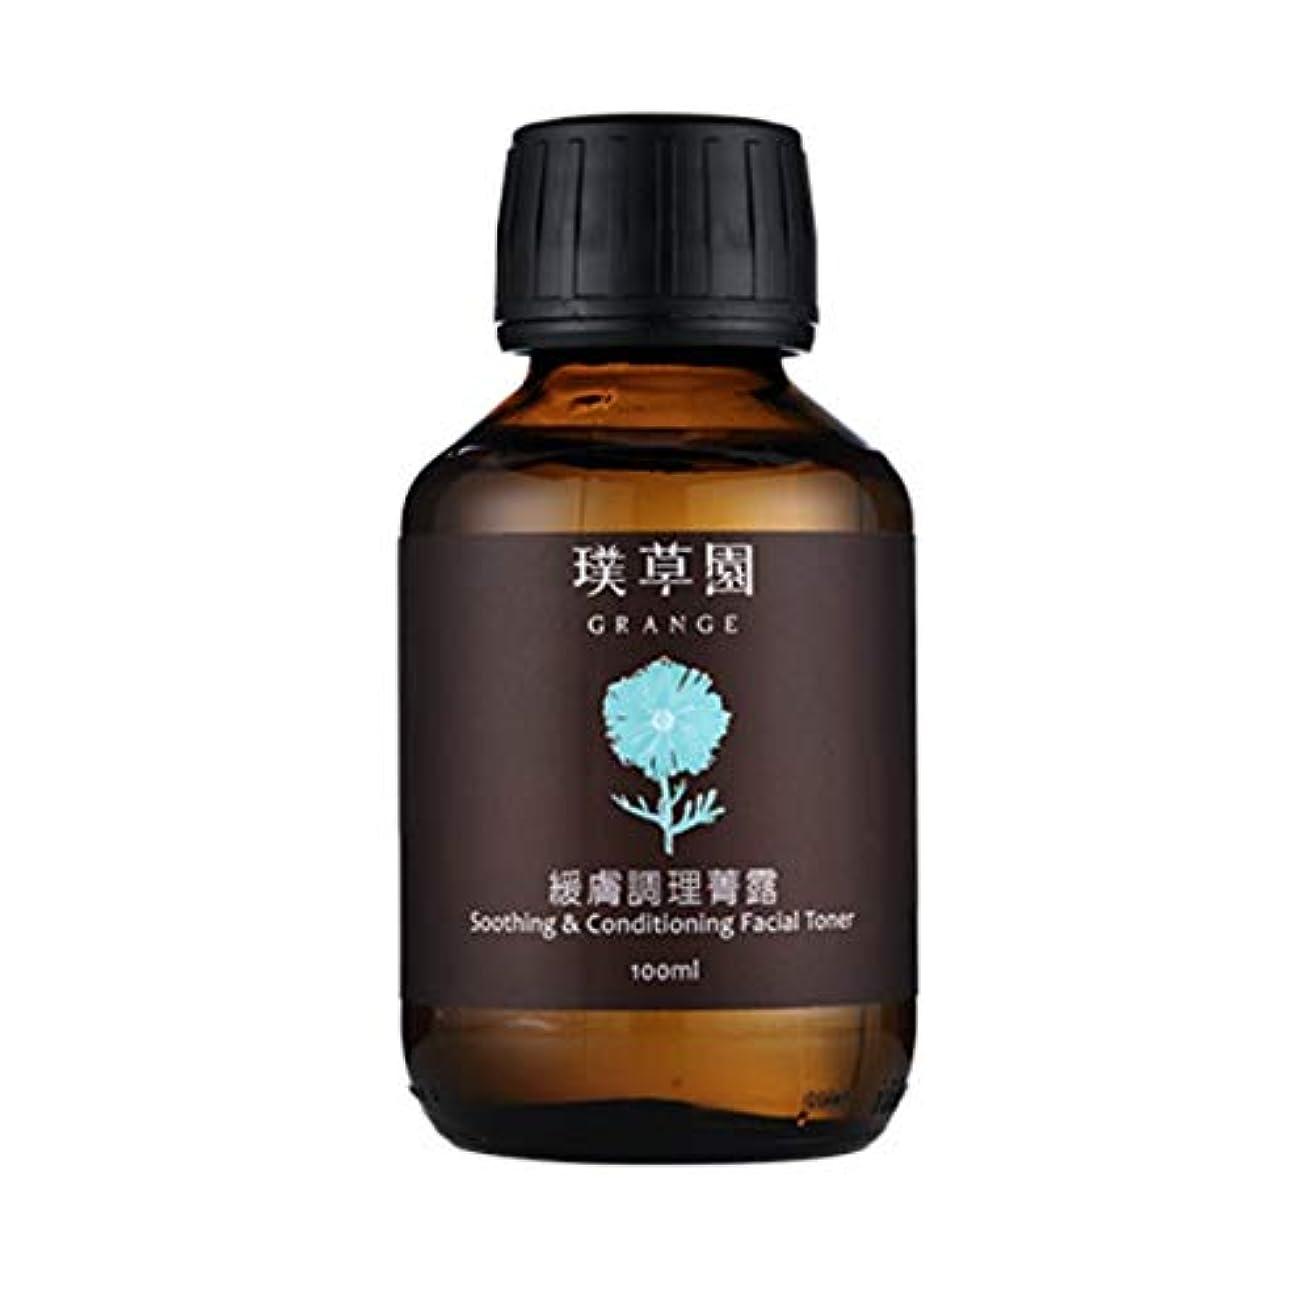 モザイク説明的バインドオーガニック 化粧水 GRANGE(グレンジ) スージング&コンディショニングフェイシャルトナー 100ml 「 無添加 高保湿 」